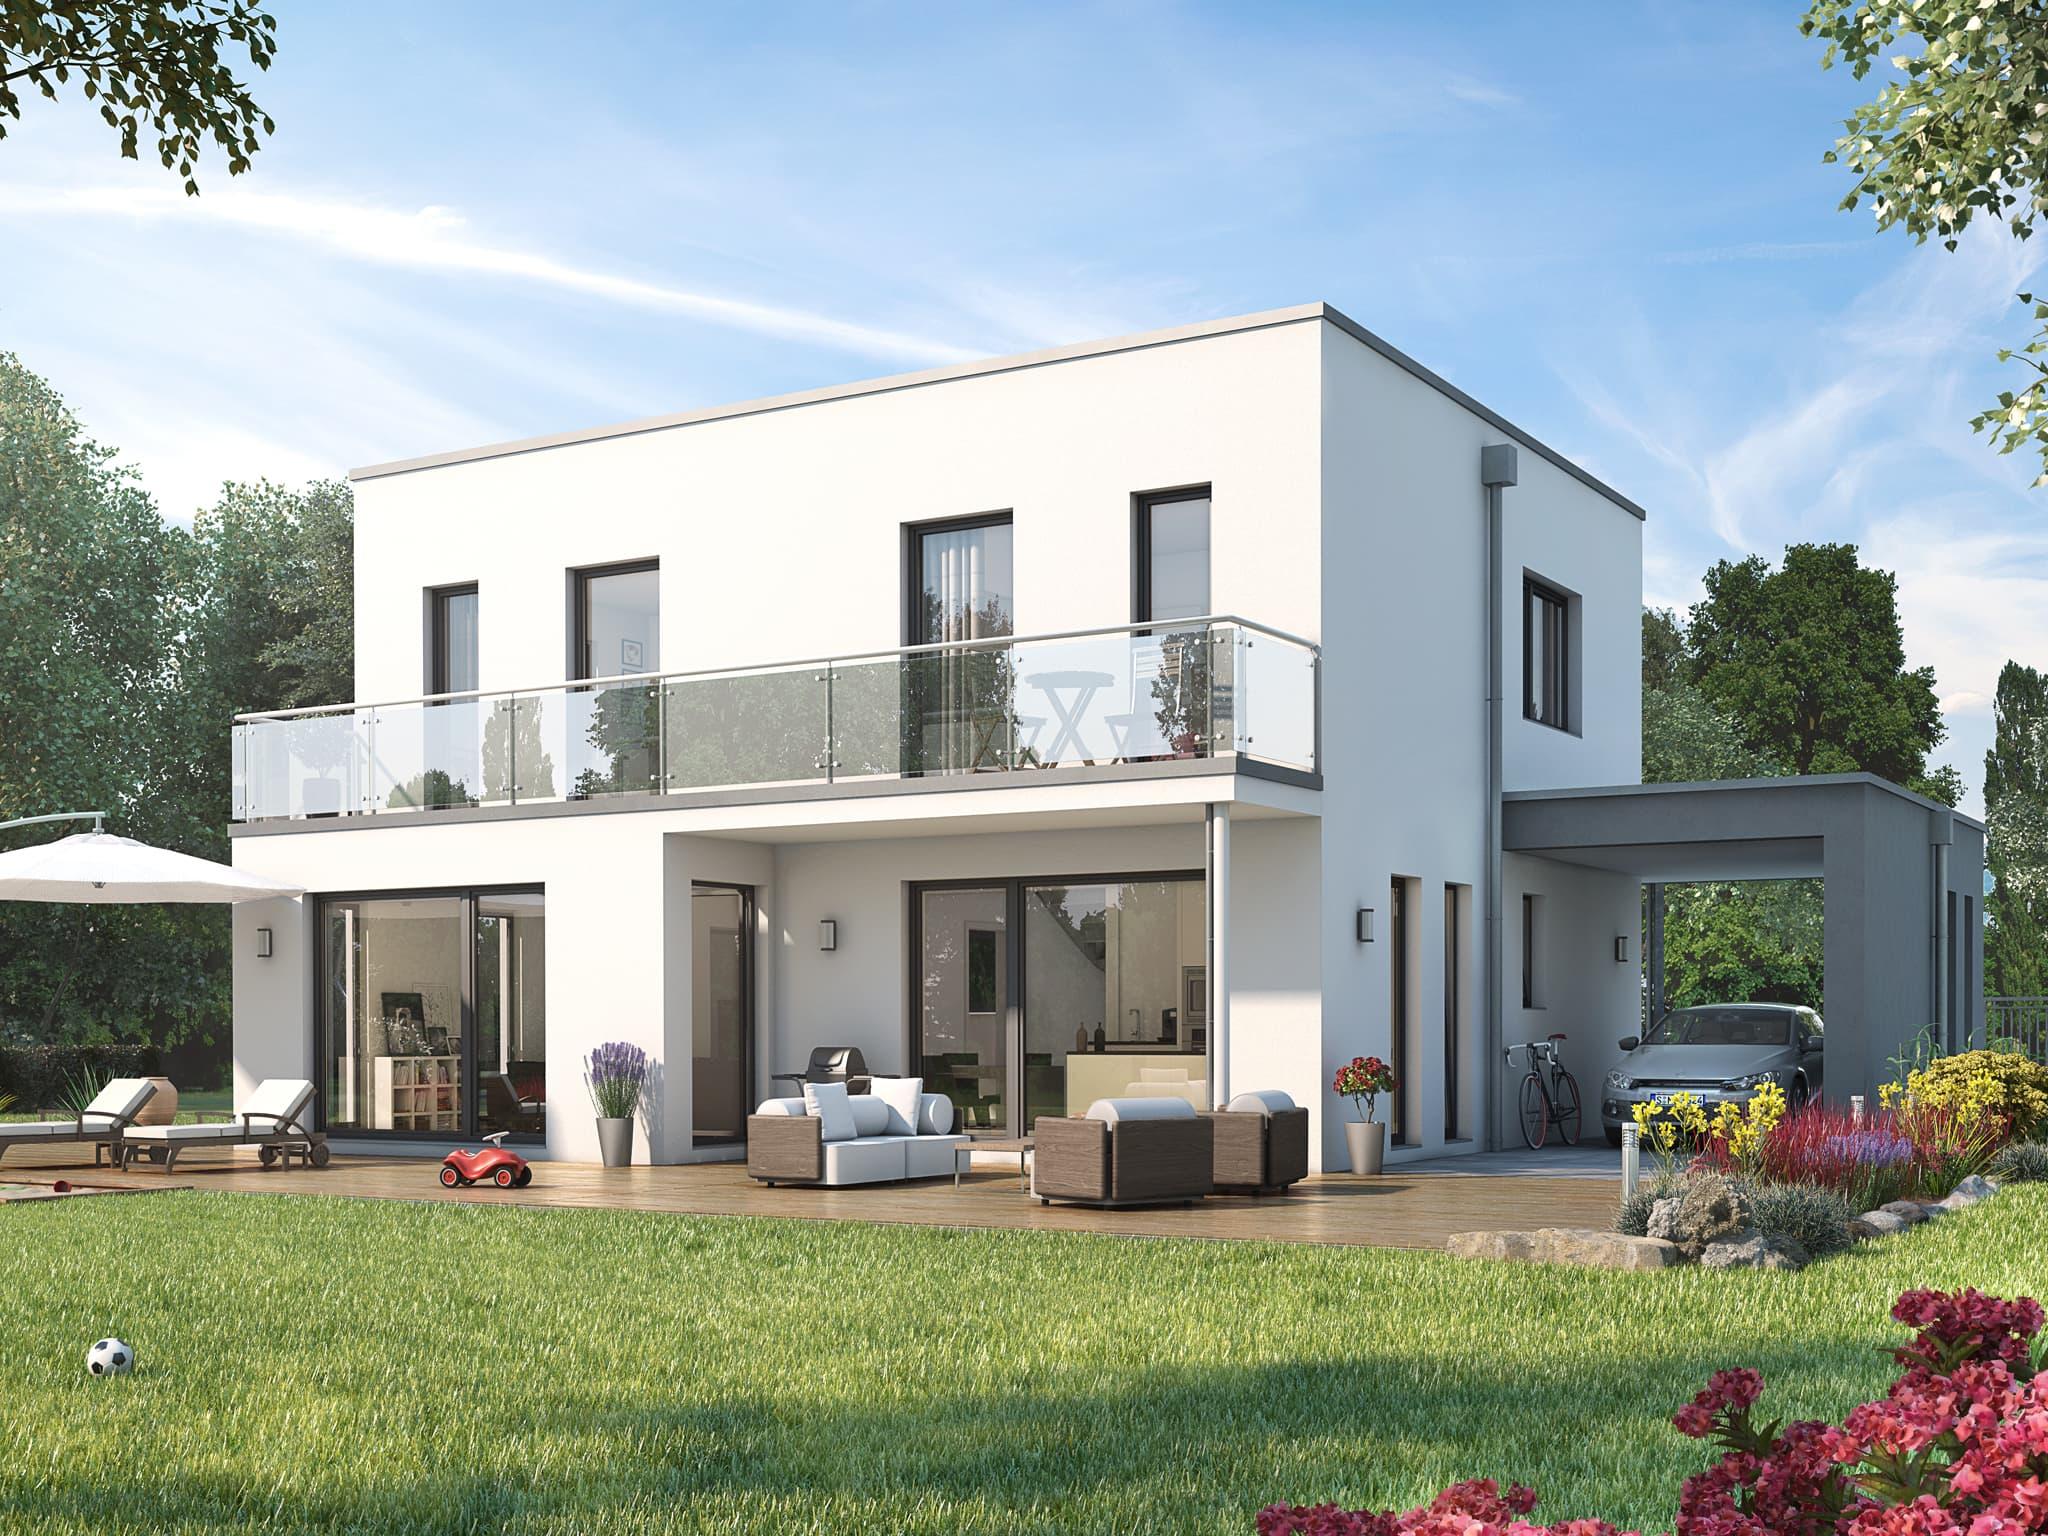 Einfamilienhaus modern mit Flachdach Architektur im Bauhausstil, 5 Zimmer, 145 qm - Fertighaus bauen Ideen Living Haus SUNSHINE 143 V7 - HausbauDirekt.de